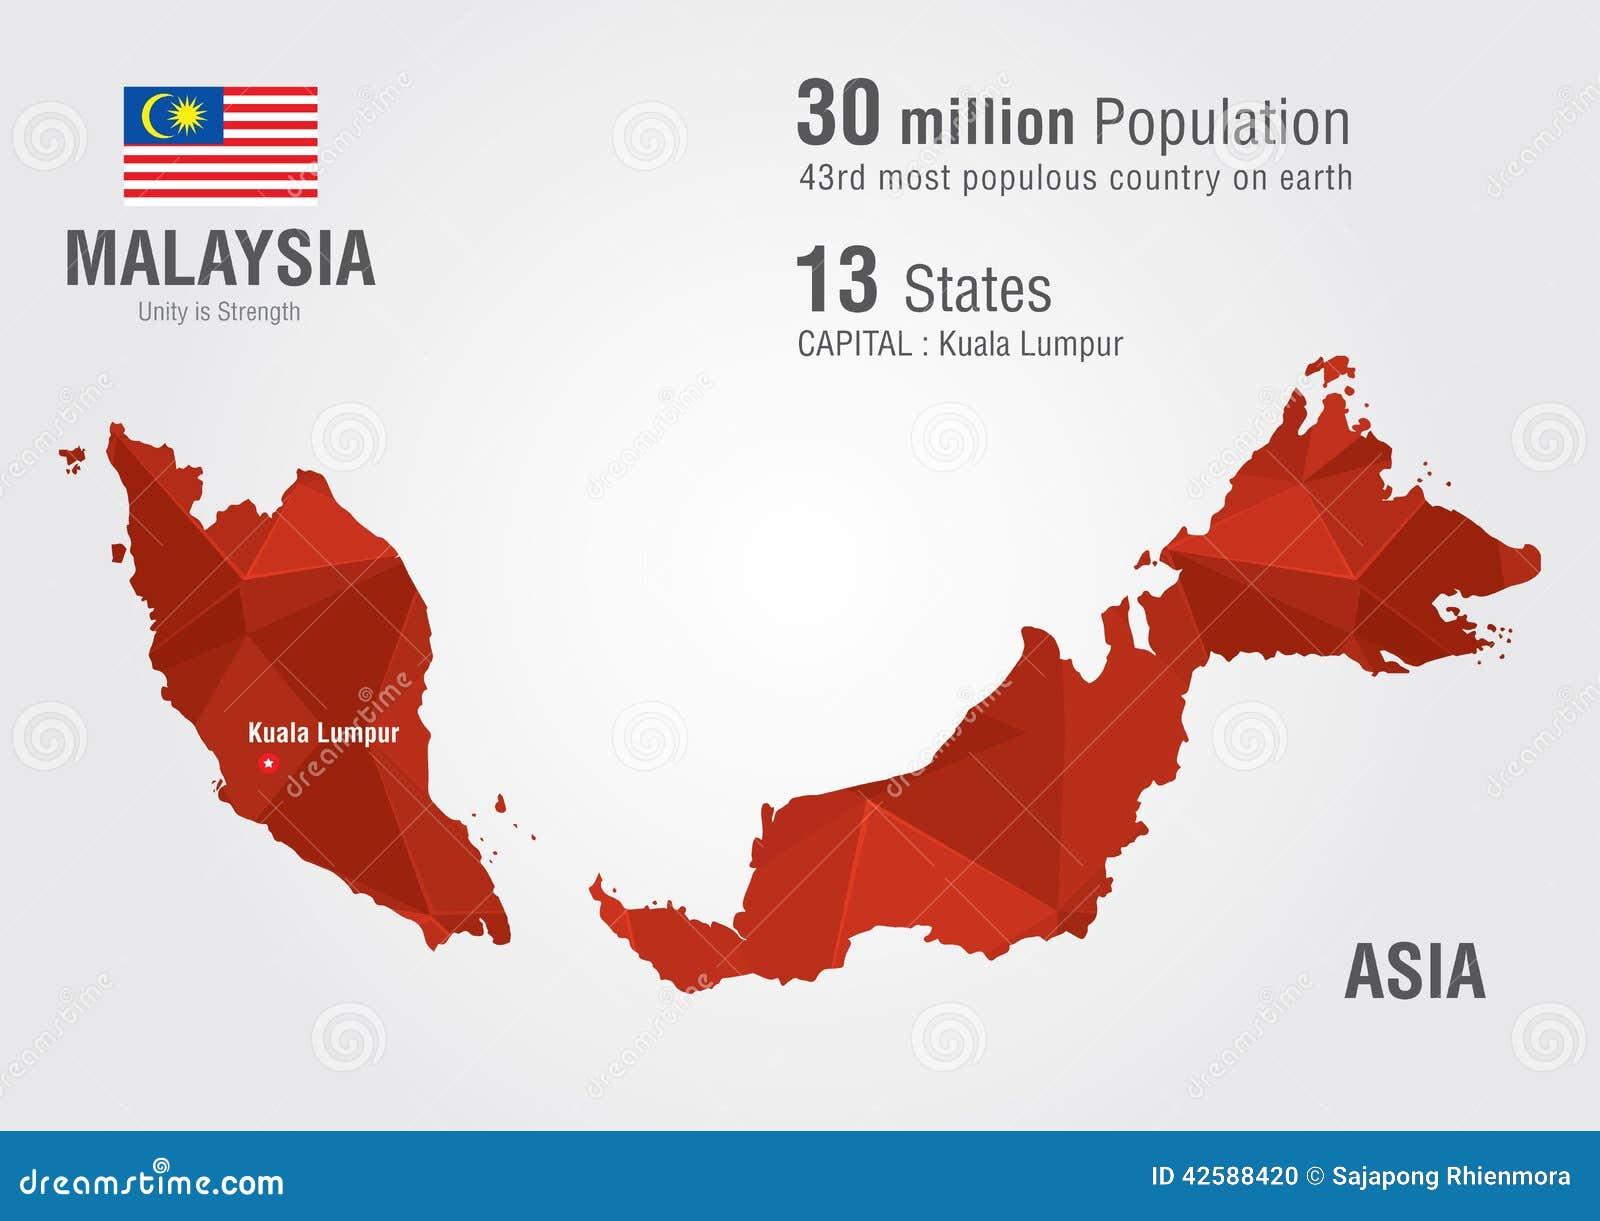 马来西亚地图分享展示图片